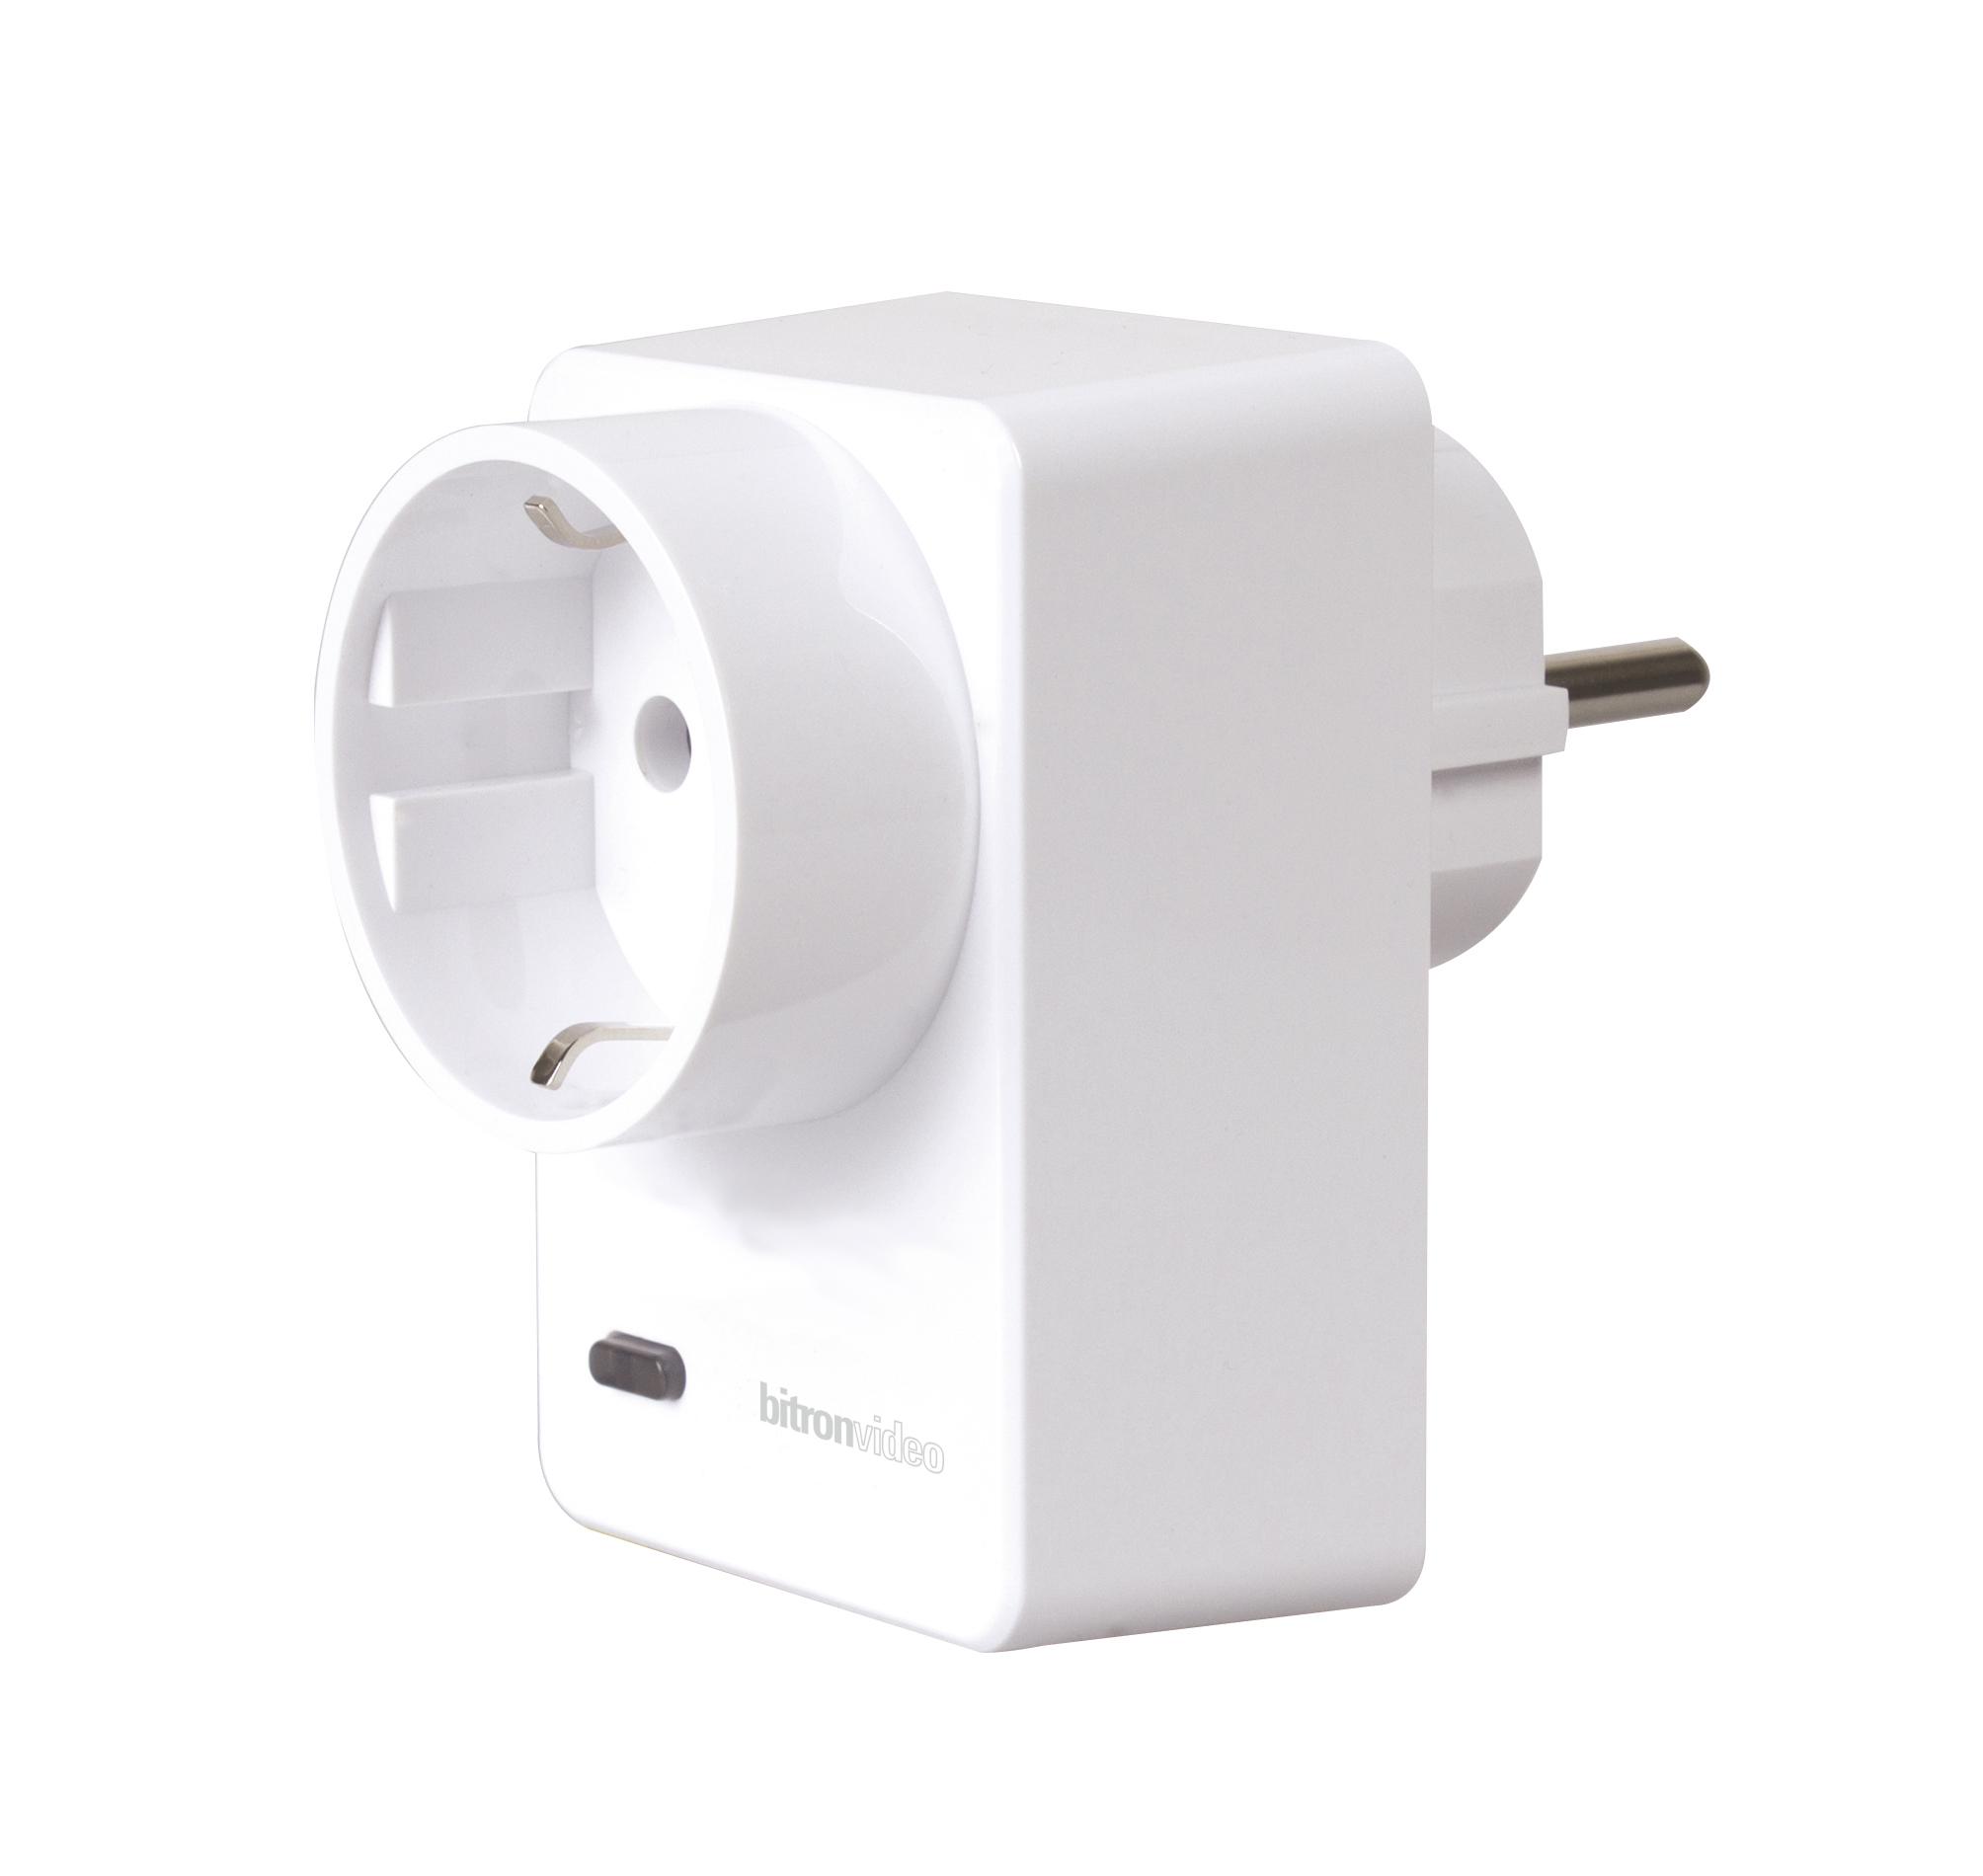 smart plug mit dimmer bitron video. Black Bedroom Furniture Sets. Home Design Ideas